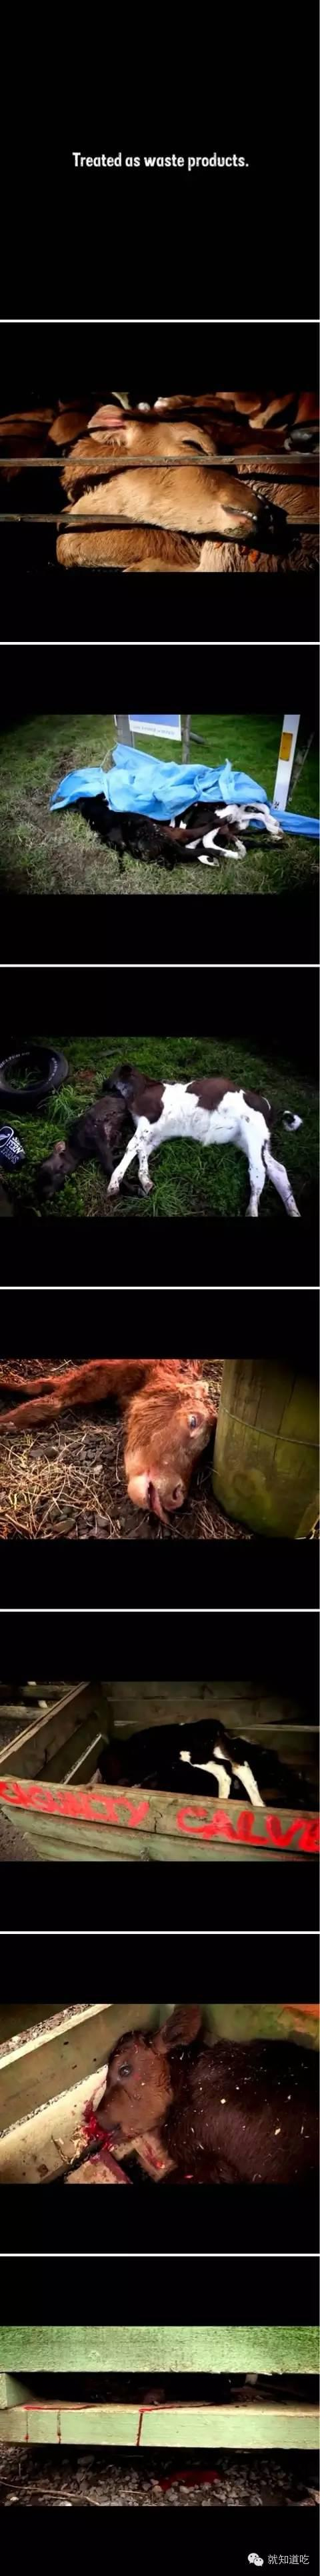 每年都有大约200万小公牛在出生的第四天就被屠宰,被肆意抛掷,用榔头砸头,再被小刀将喉咙割破,它们眼睁睁地看着自己死,却什么都不能做。